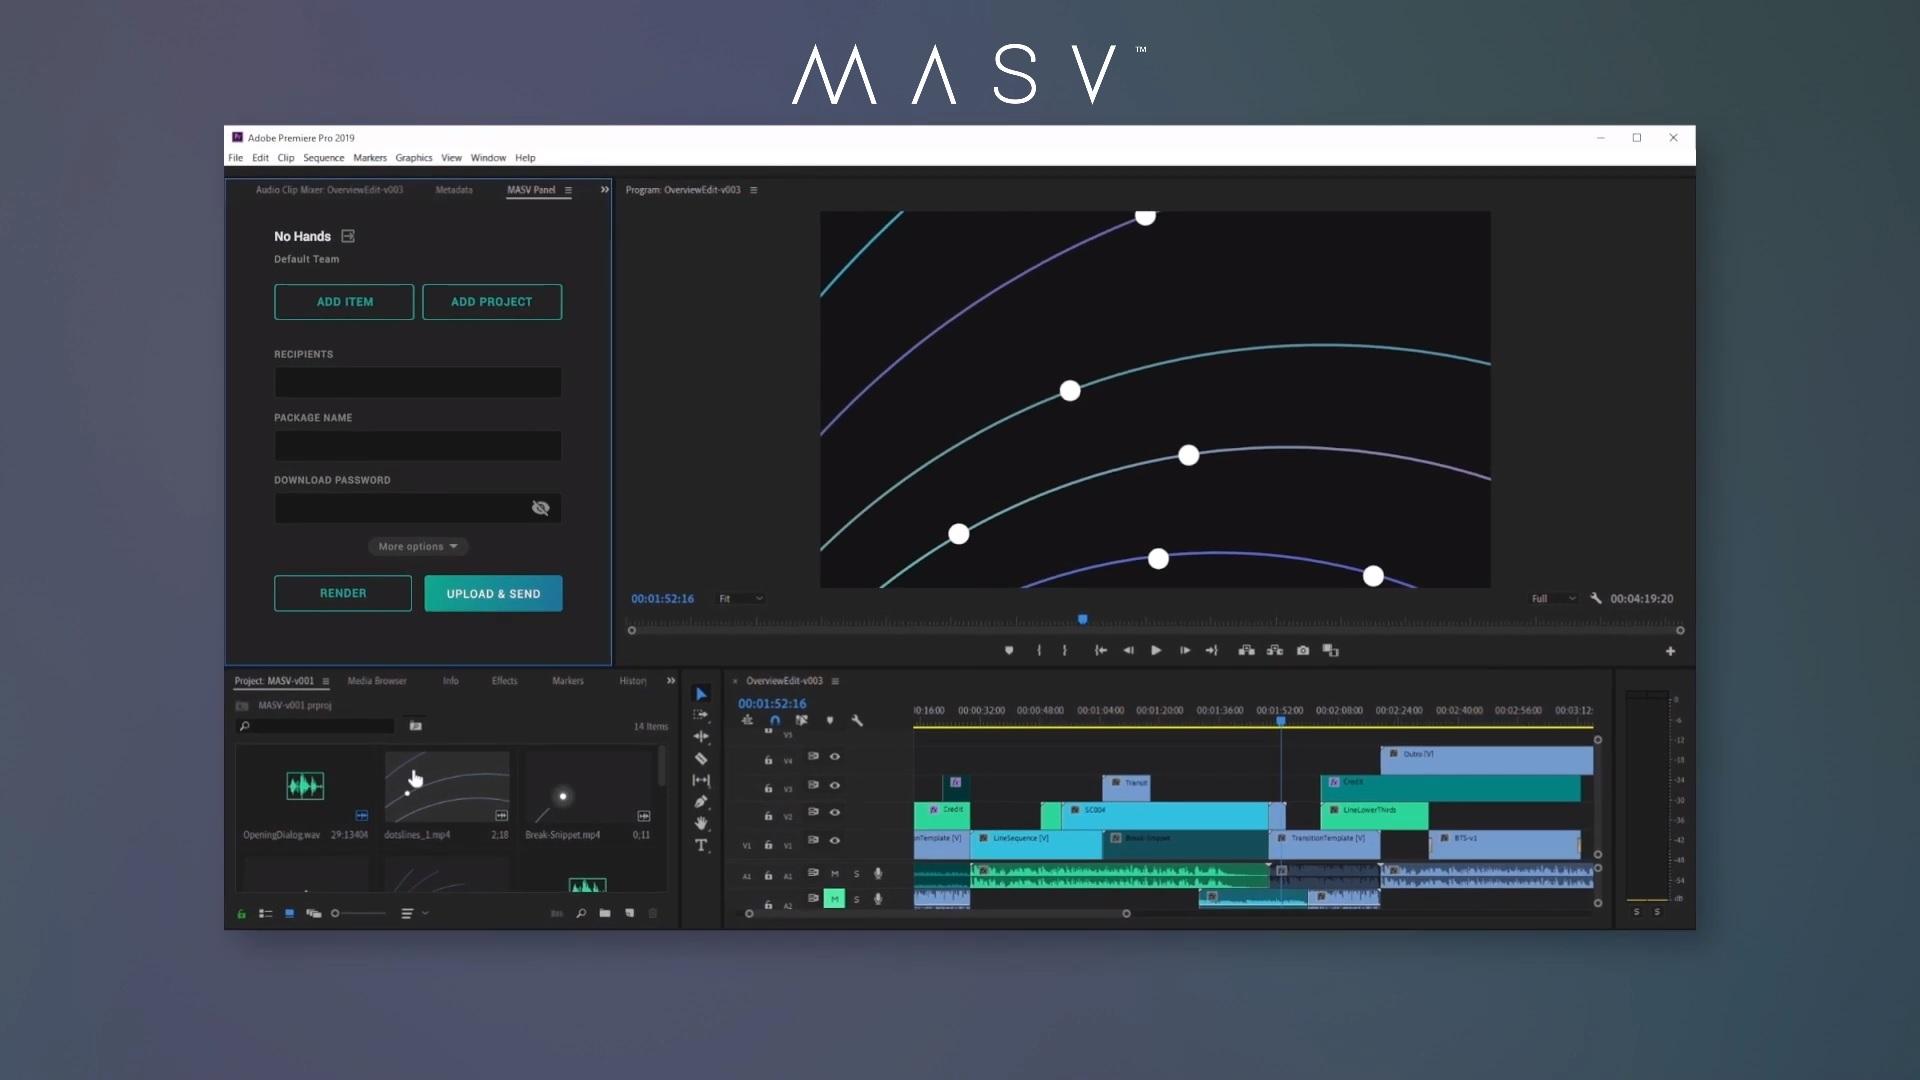 MASV Panel – sistema de transferencia de archivos ahora integrado en Adobe Premiere Pro